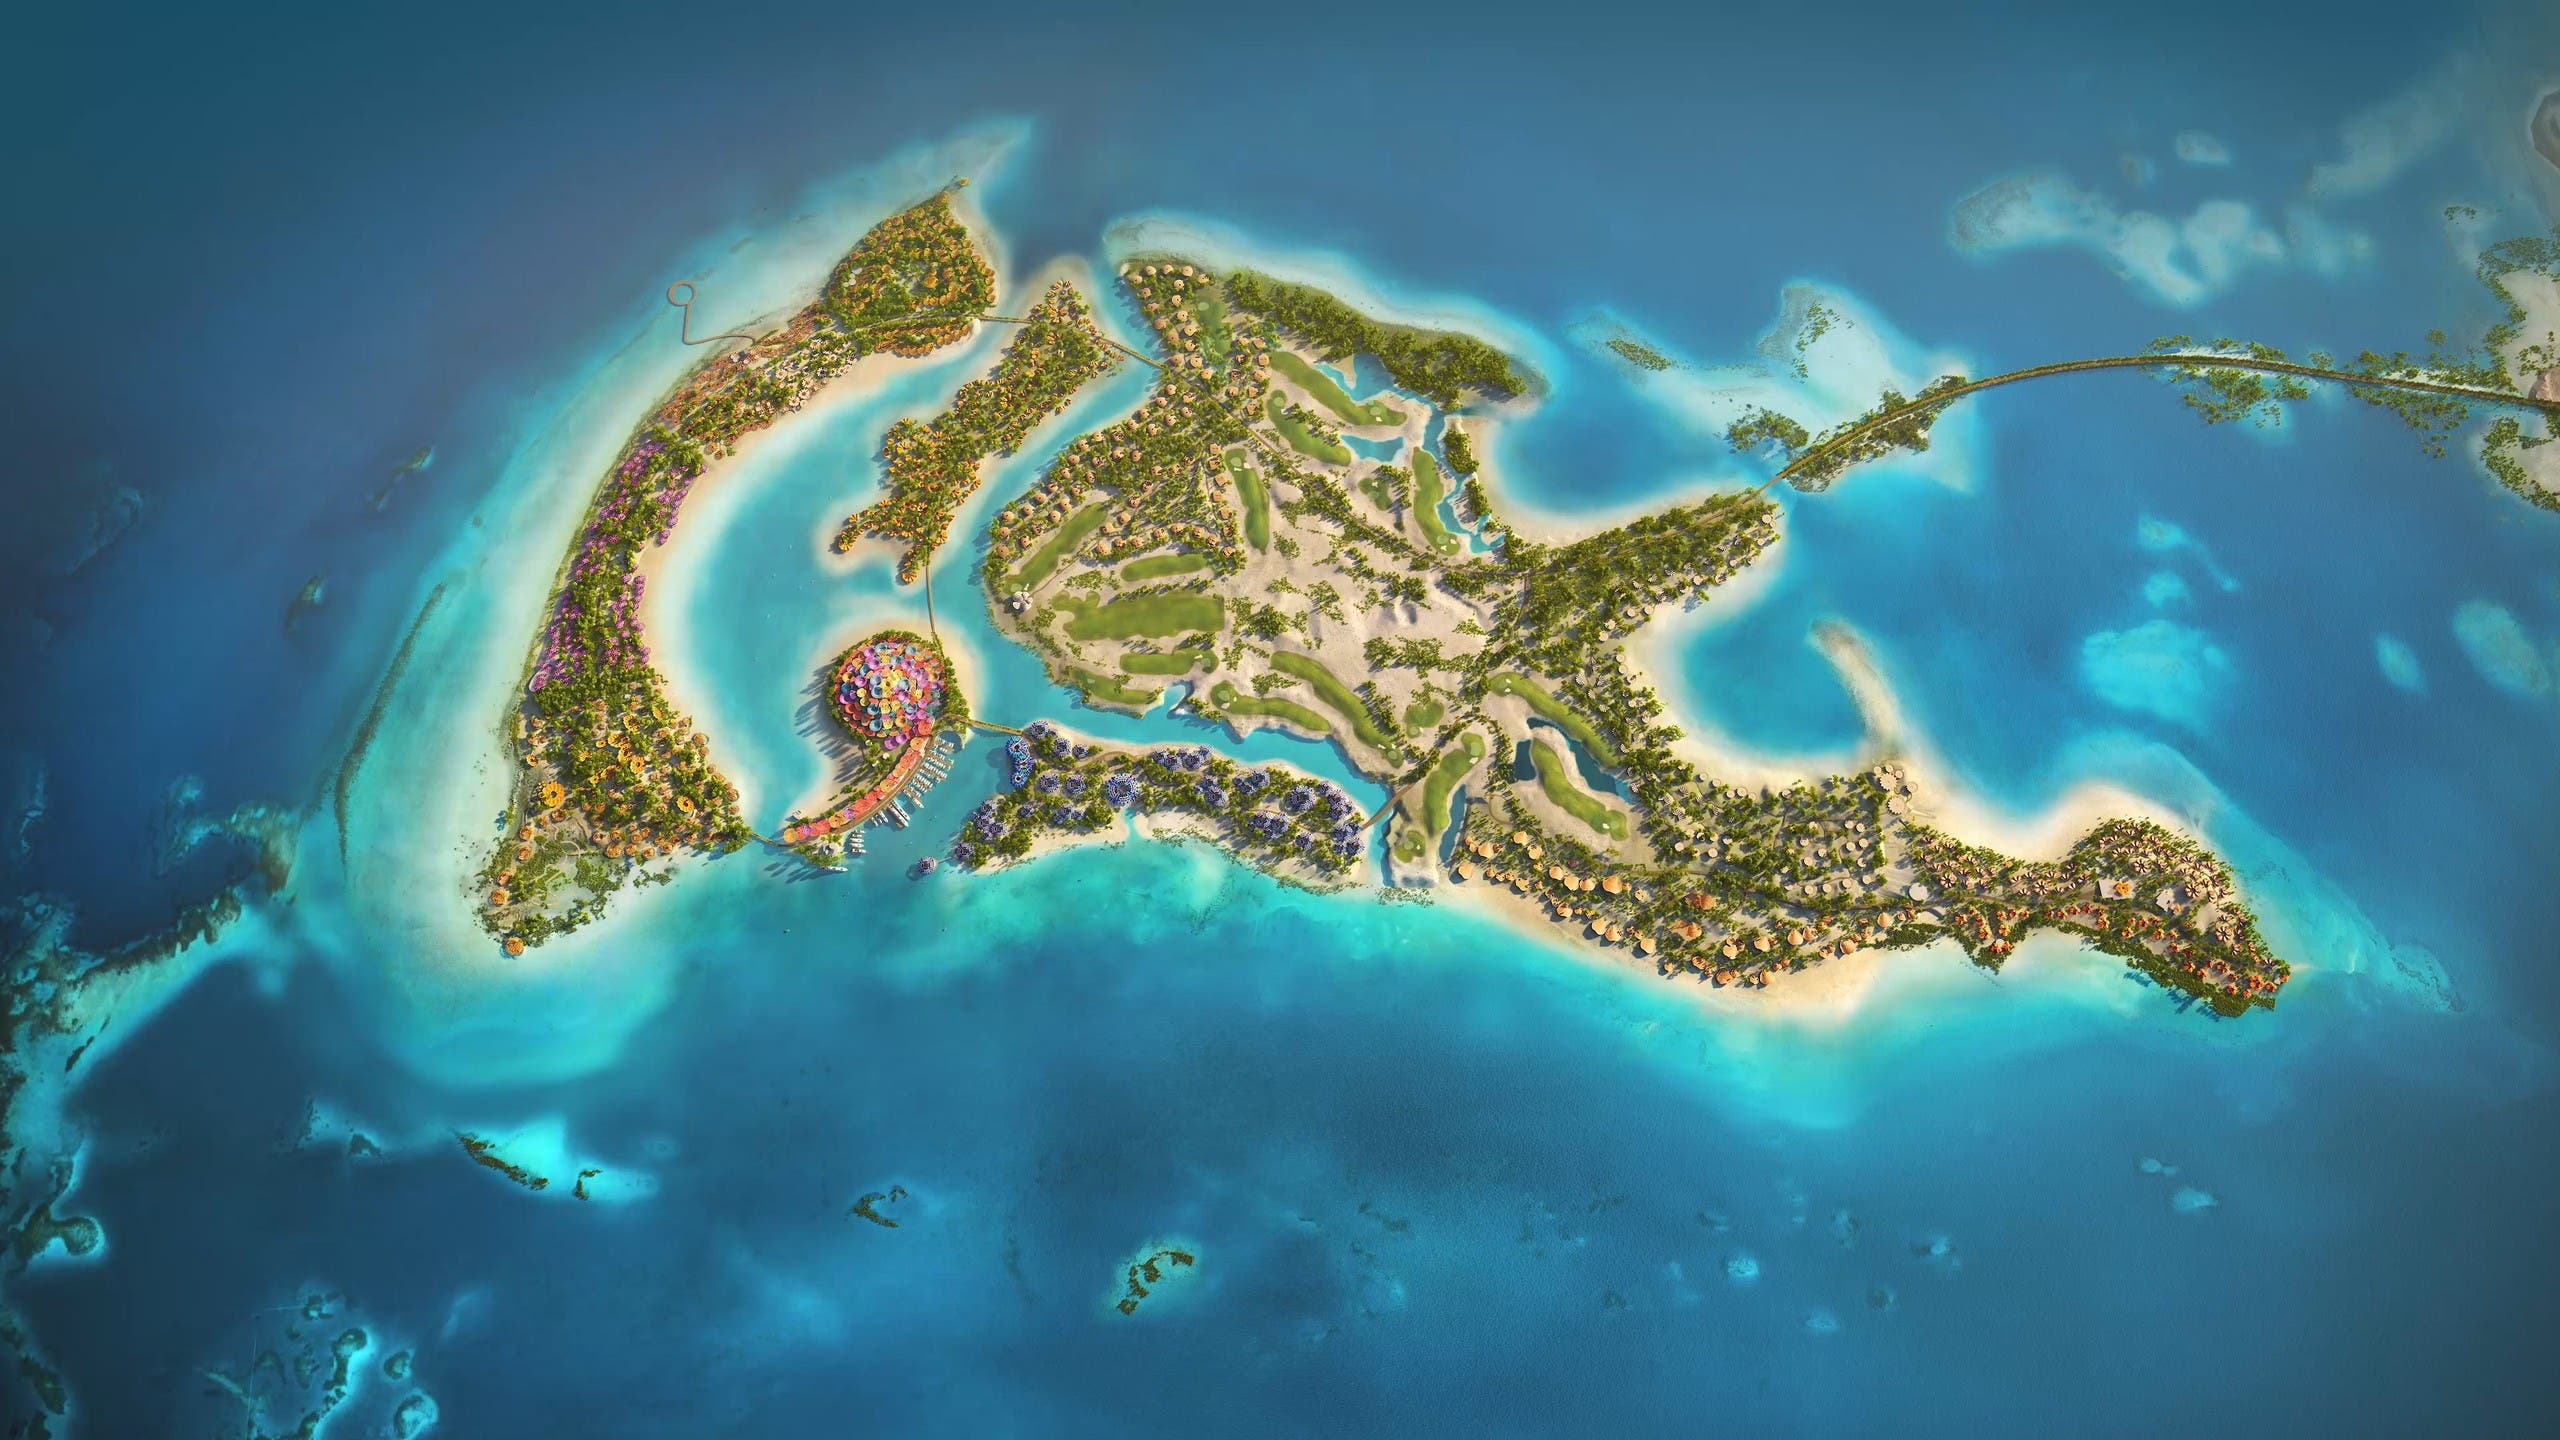 جزيرة شُريرة الرئيسية في مشروع البحر الأحمر